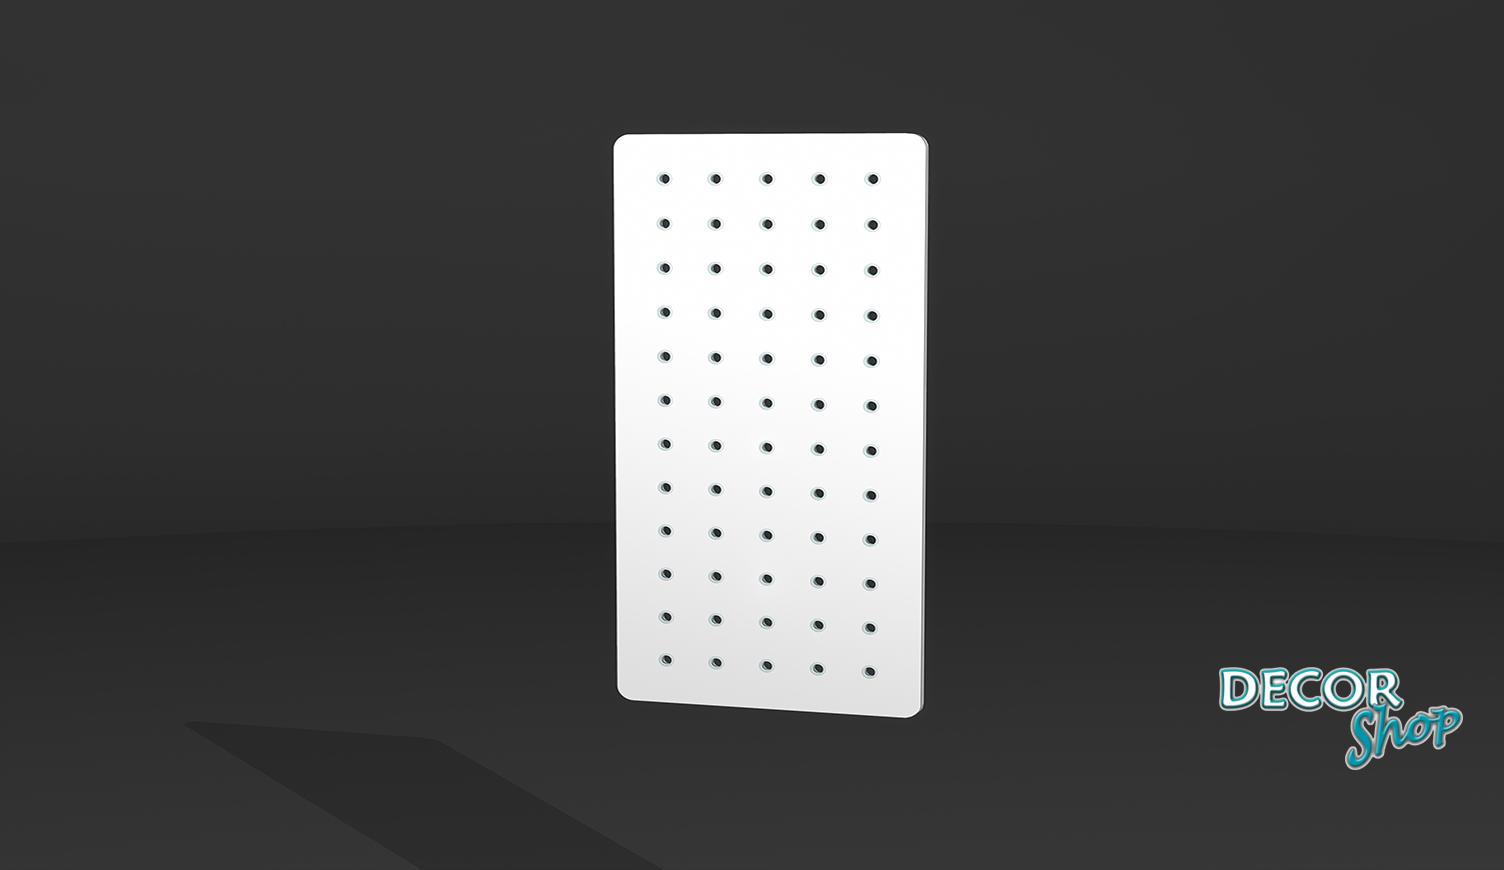 2 - Painel retangular com botões de acrílico